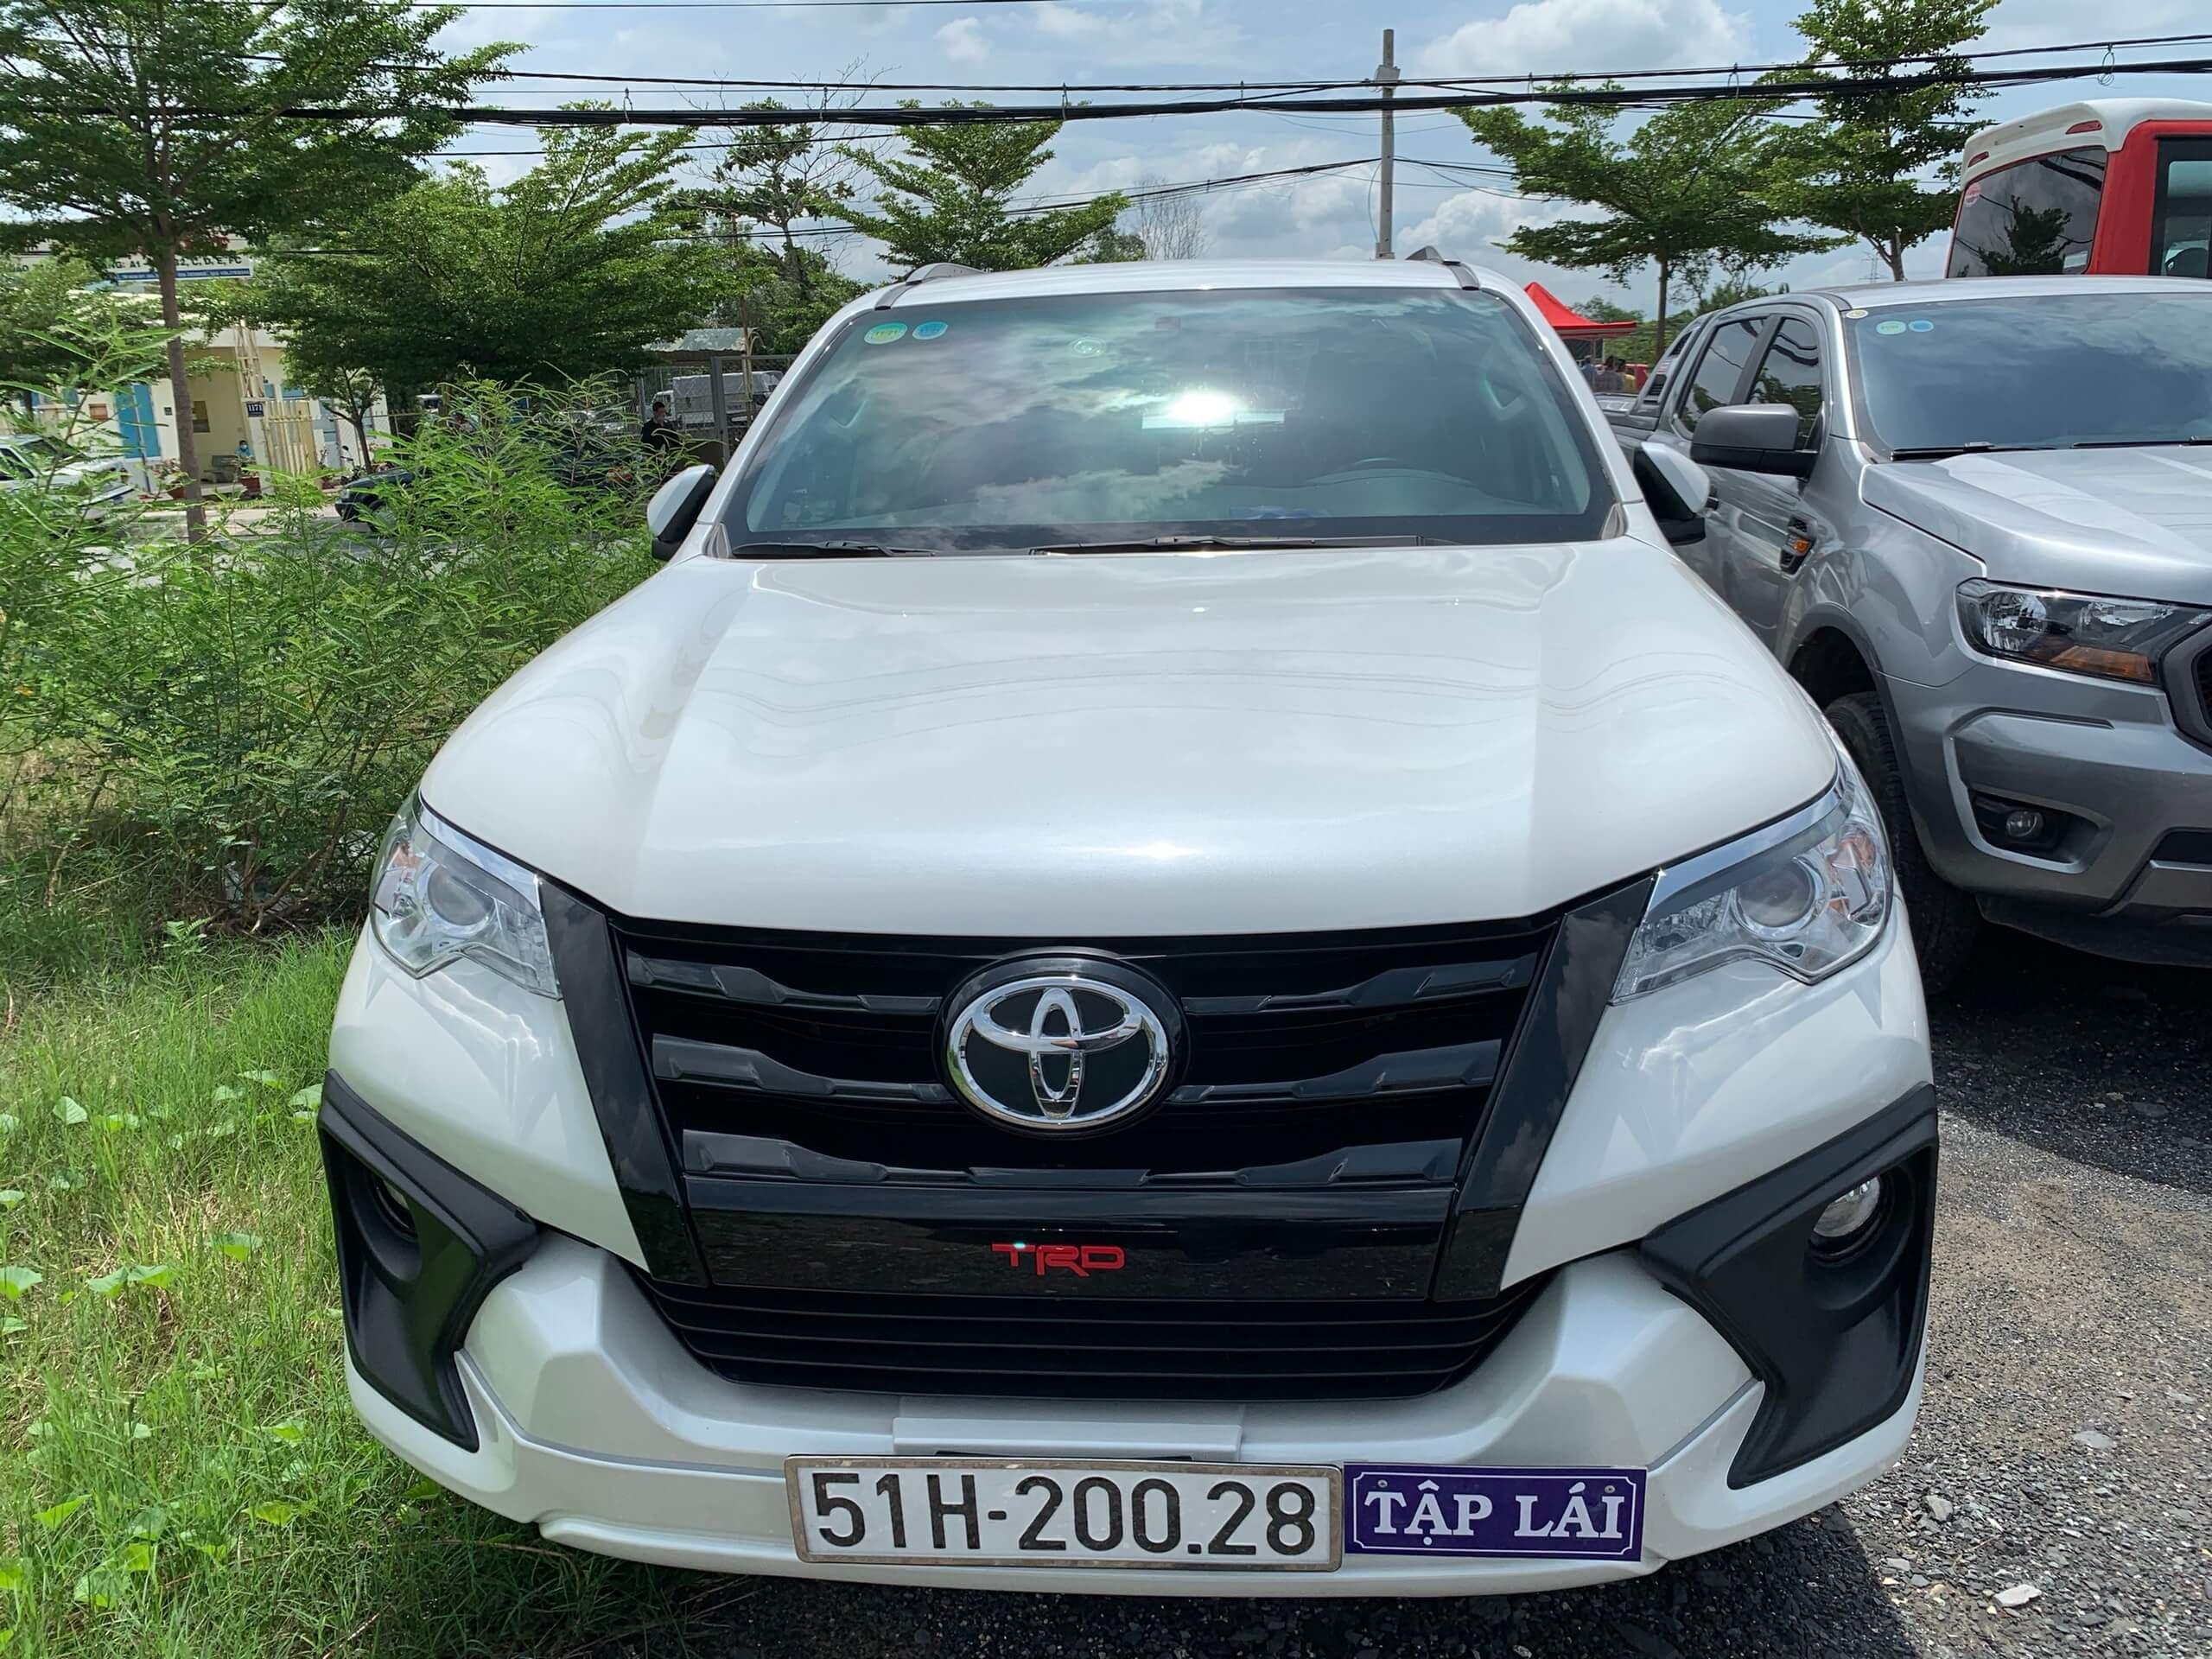 học lái xe ô tô tại Cam Ranh uy tín